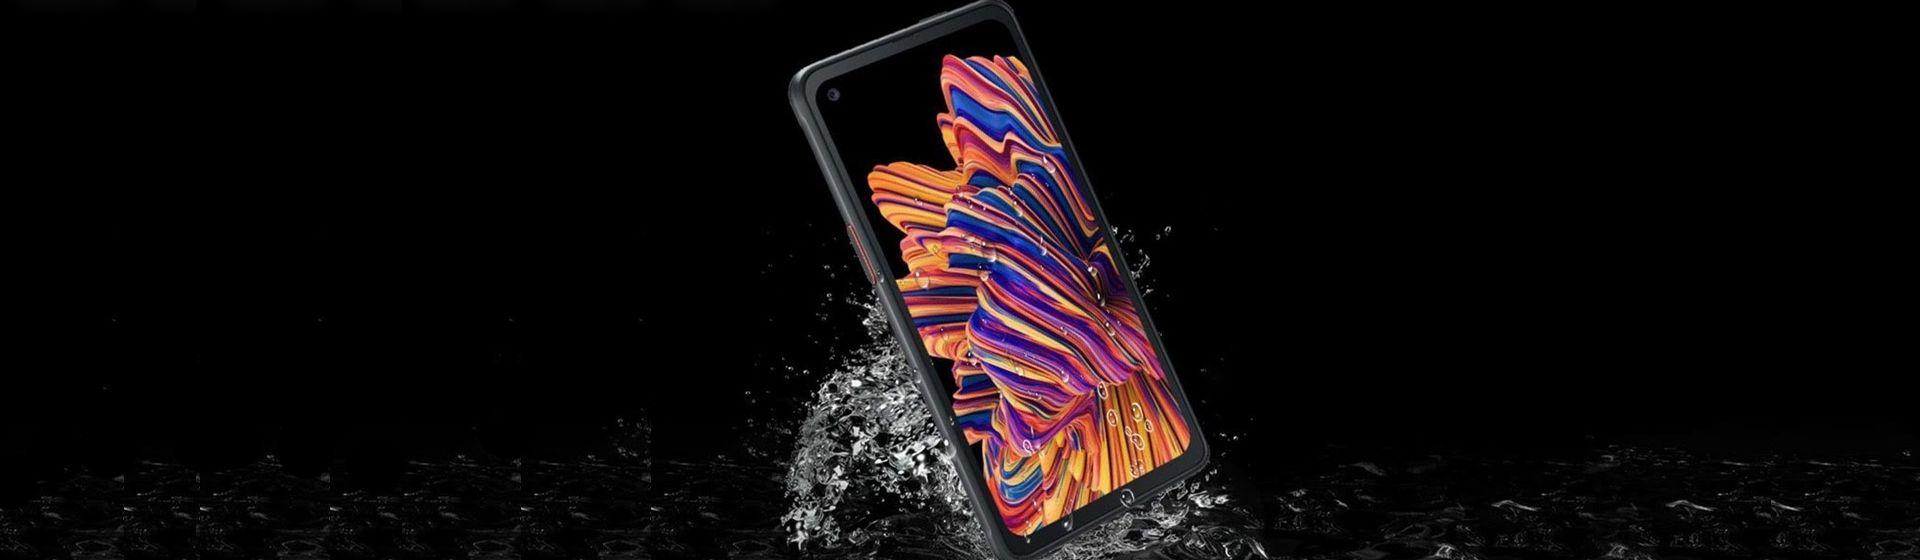 Samsung lança o Galaxy Xcover Pro no Brasil, seu celular ultra-resistente